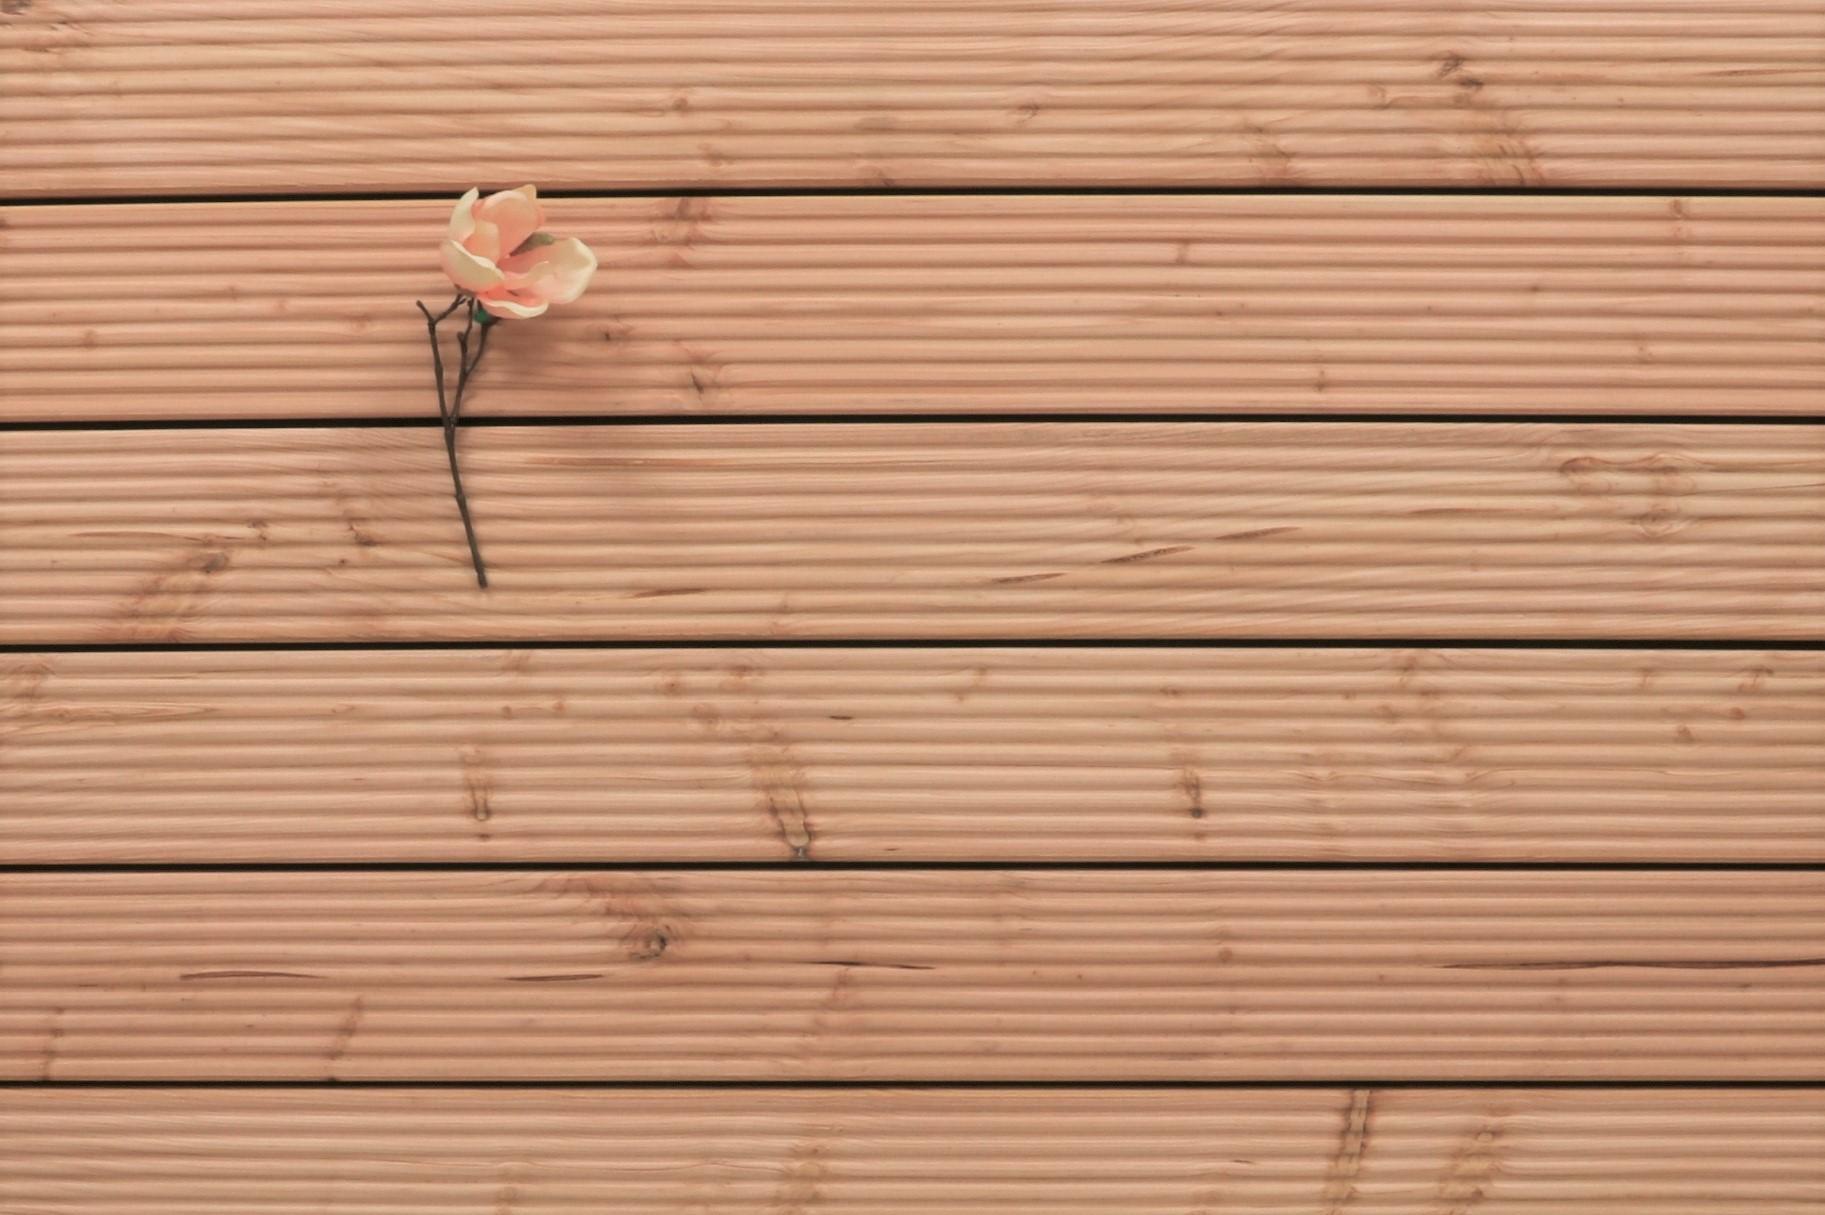 Holzterrasse Douglasie, grob genutet, 26 x 145 bis 5000 mm Dielen, Holz Bretter für die Terrasse, 5,95 €/lfm